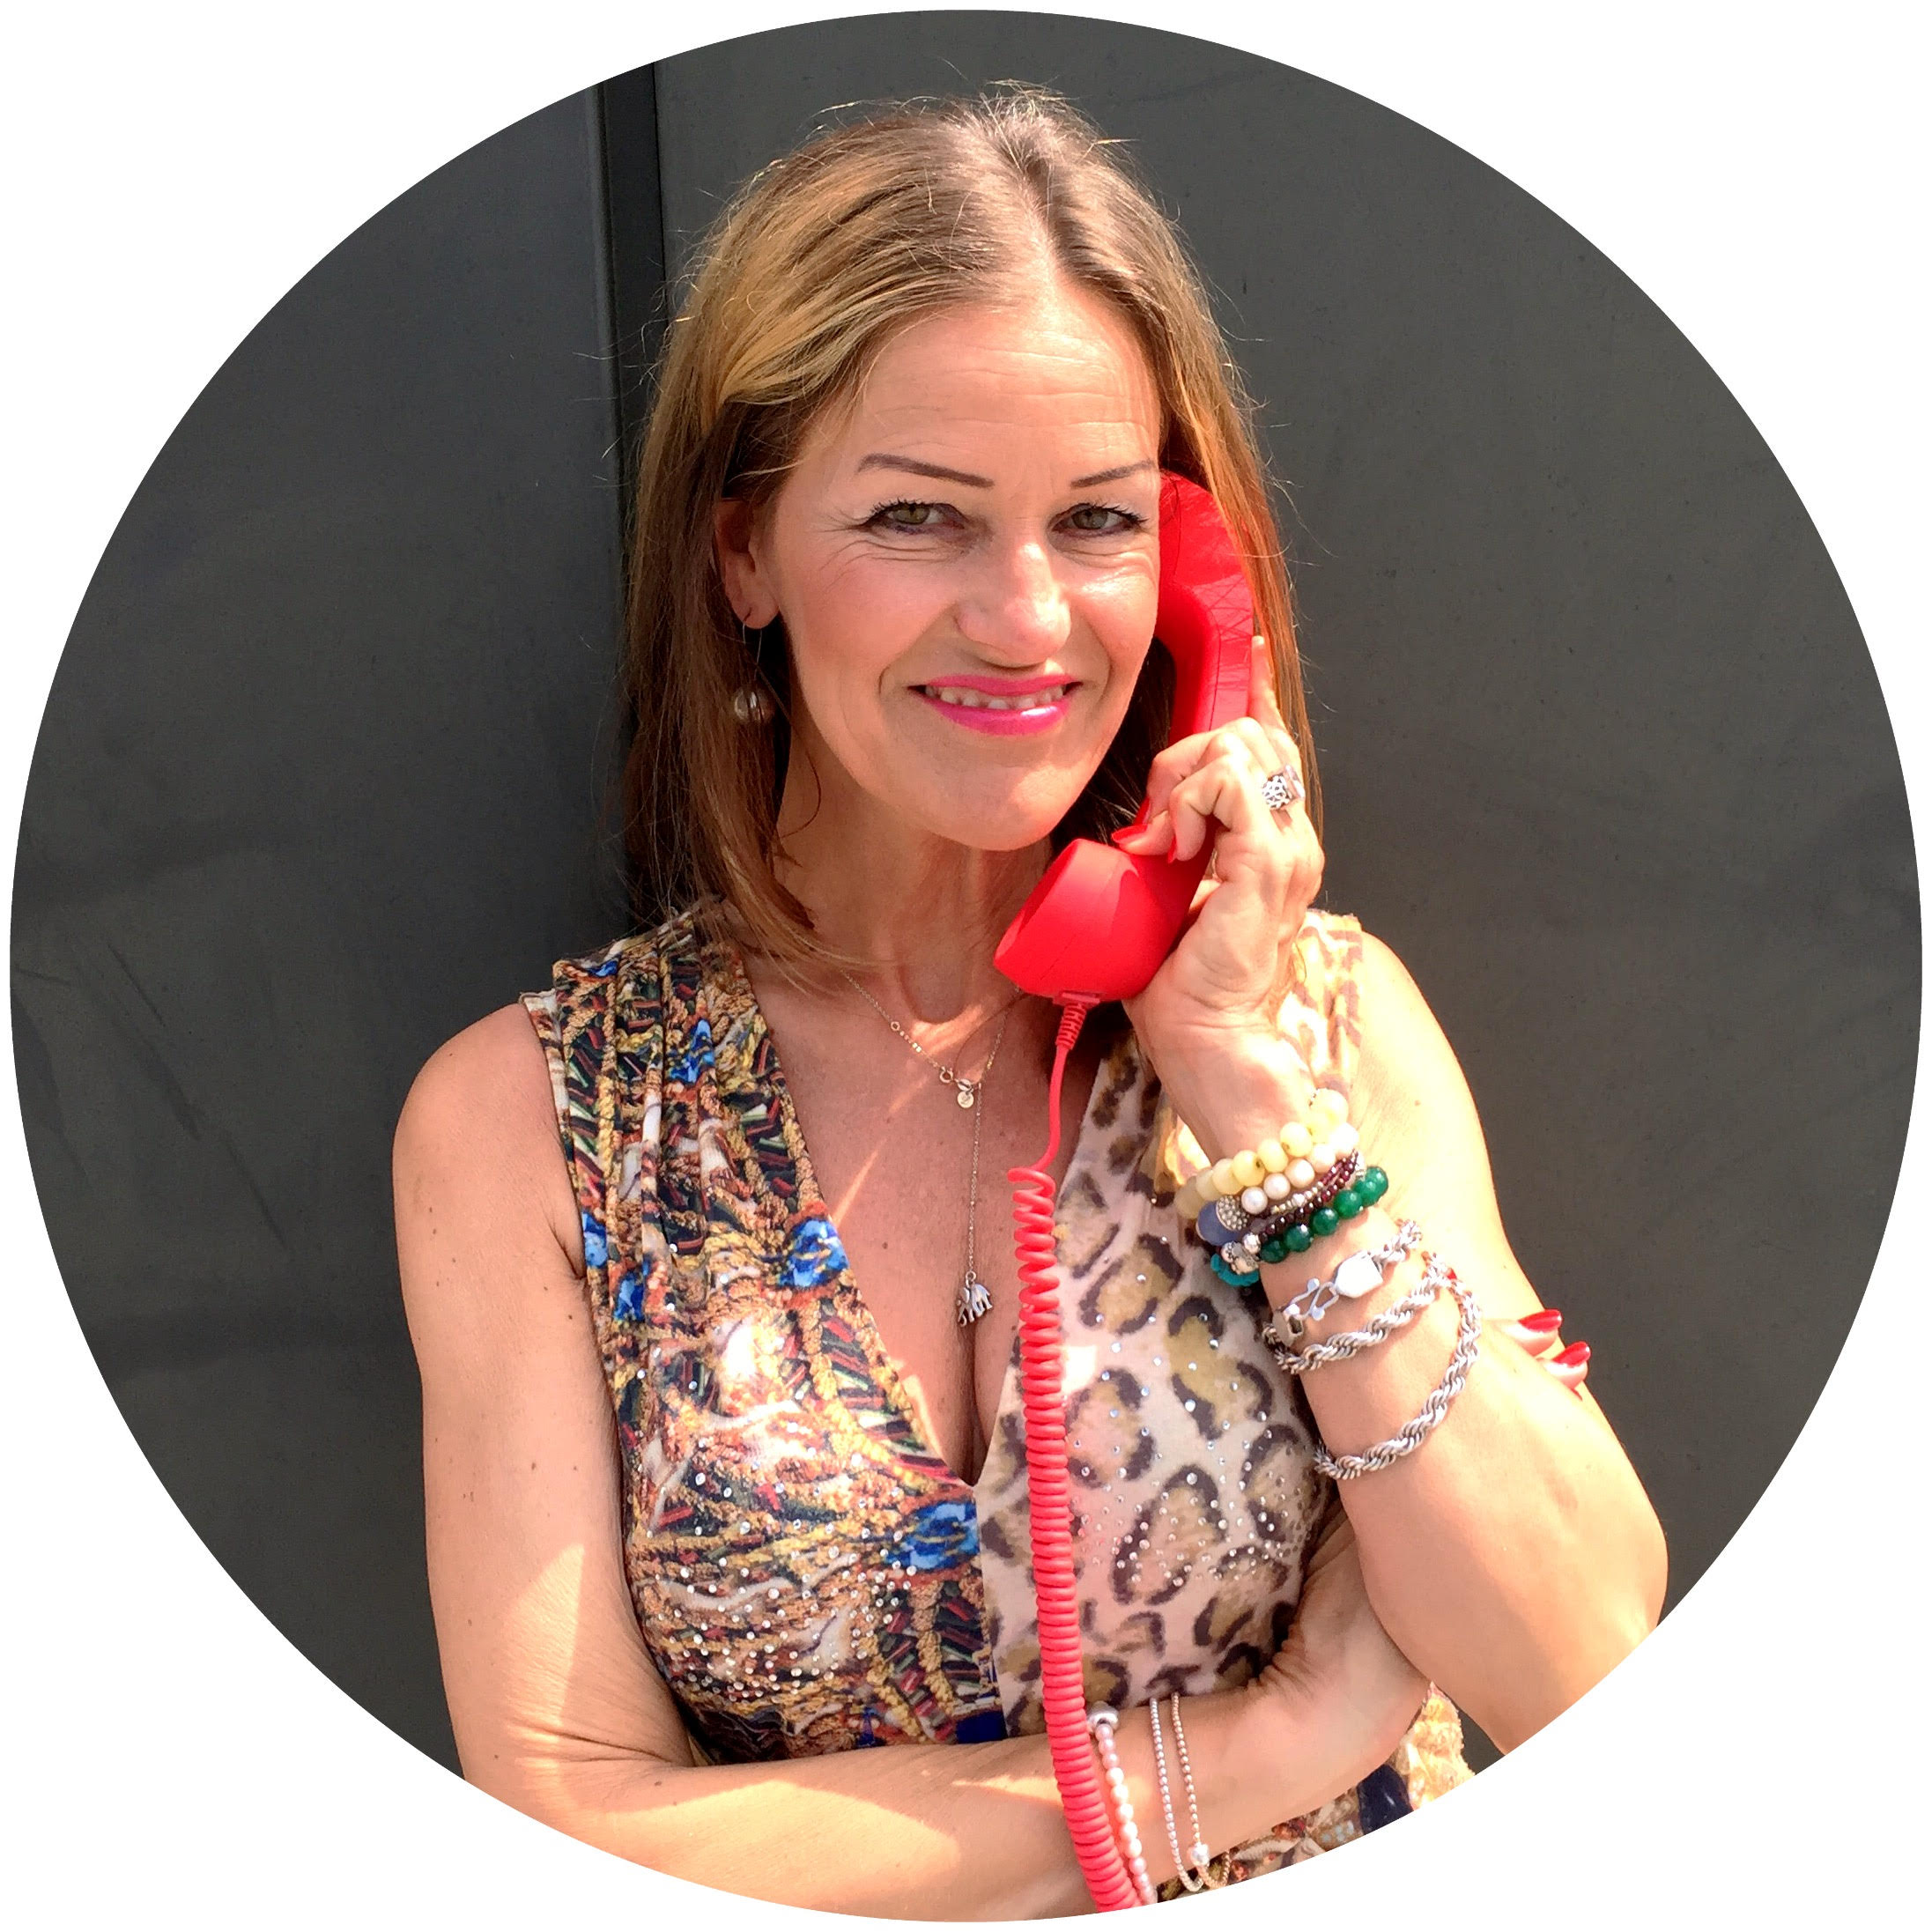 Maria Hans - Contact